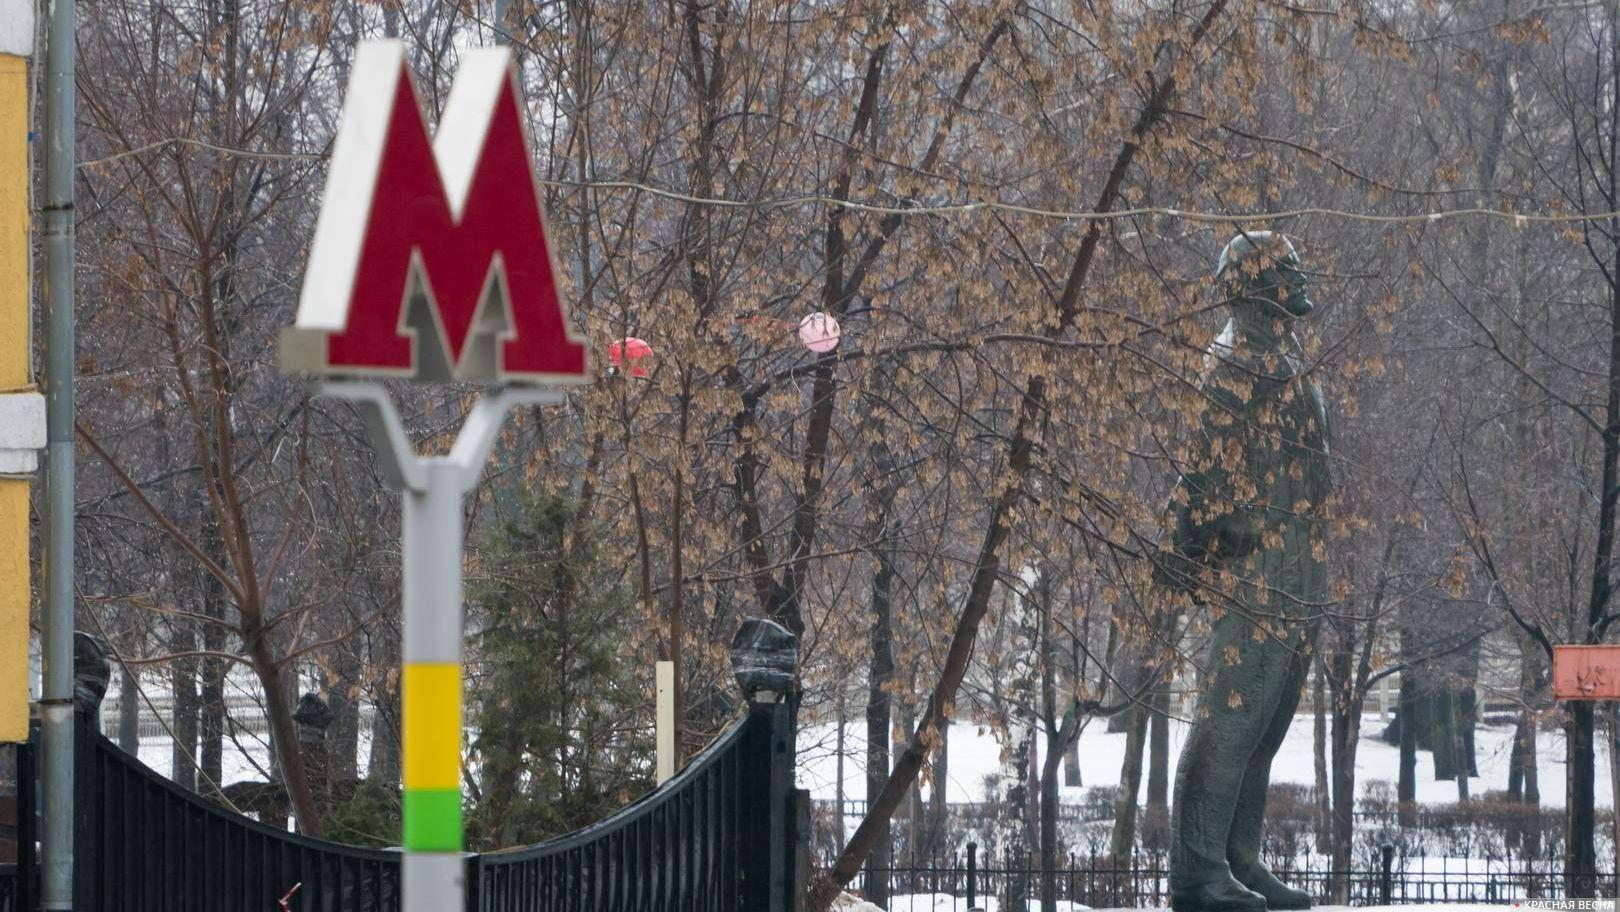 Метро Площадь Ильича. Памятник.